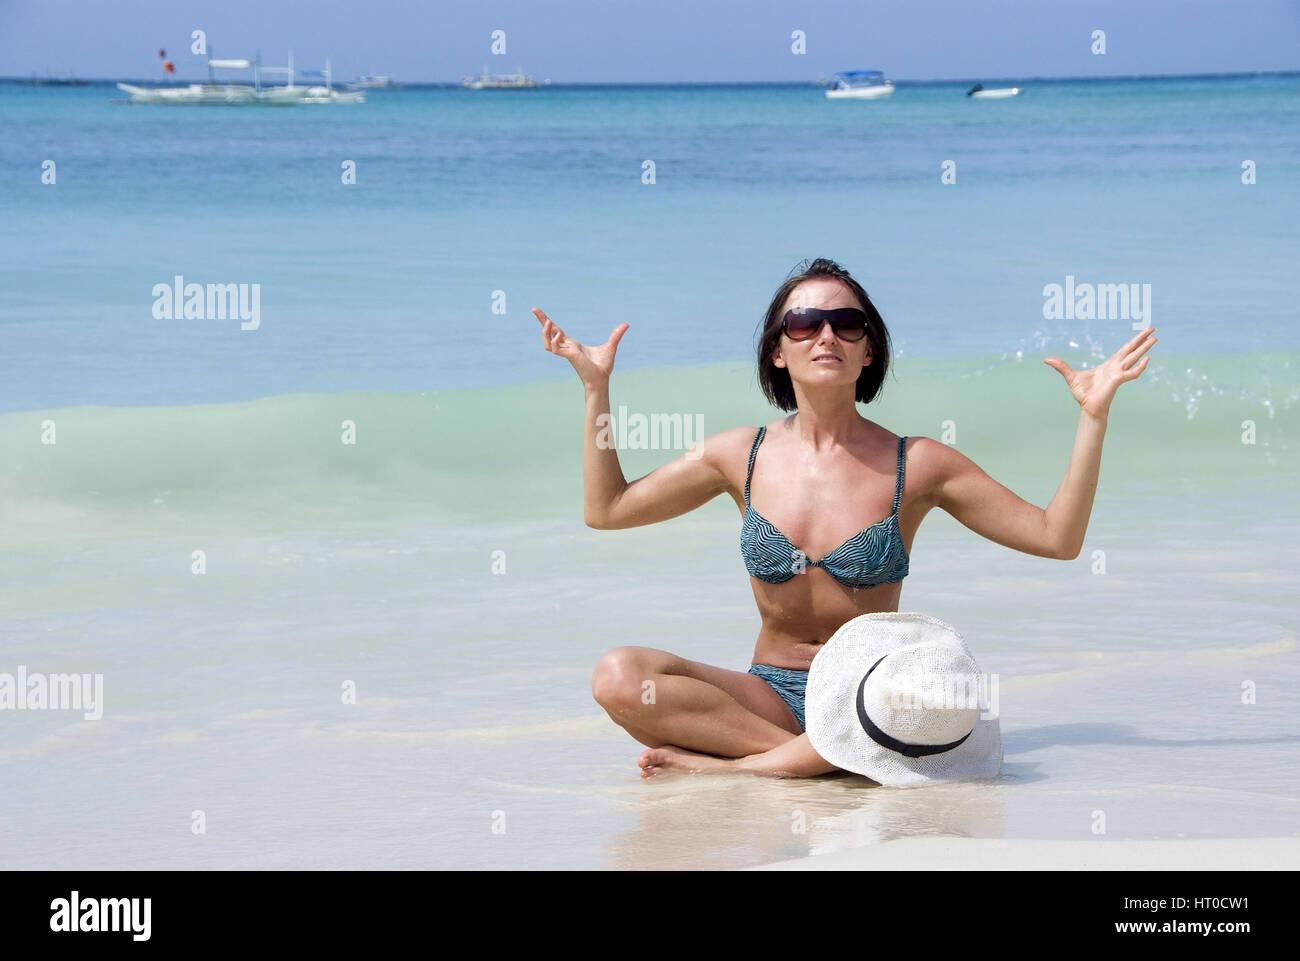 Frau macht Joga am Sandstrand - woman does yoga on the beach - Stock Image